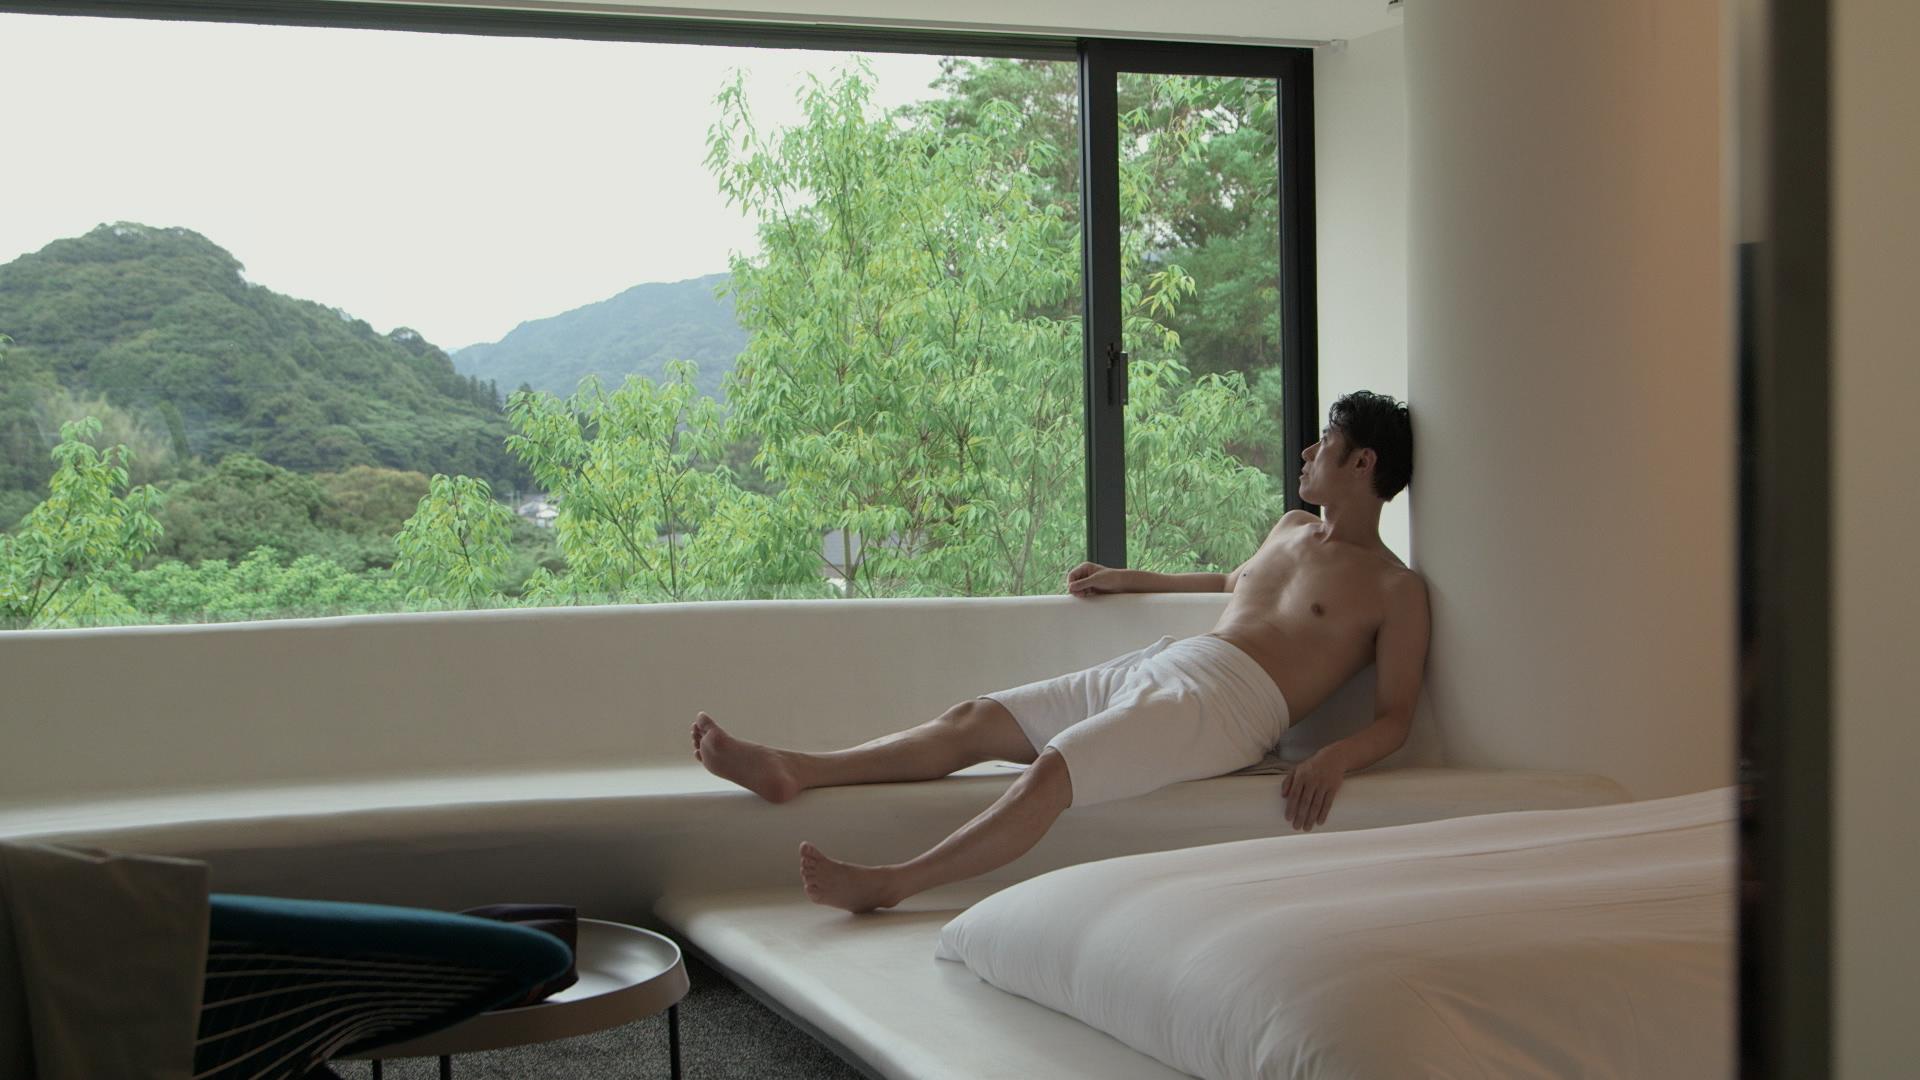 サ道2021 第十一話「佐賀 御船山楽園ホテル らかんの湯」サウナの理想郷でととのう